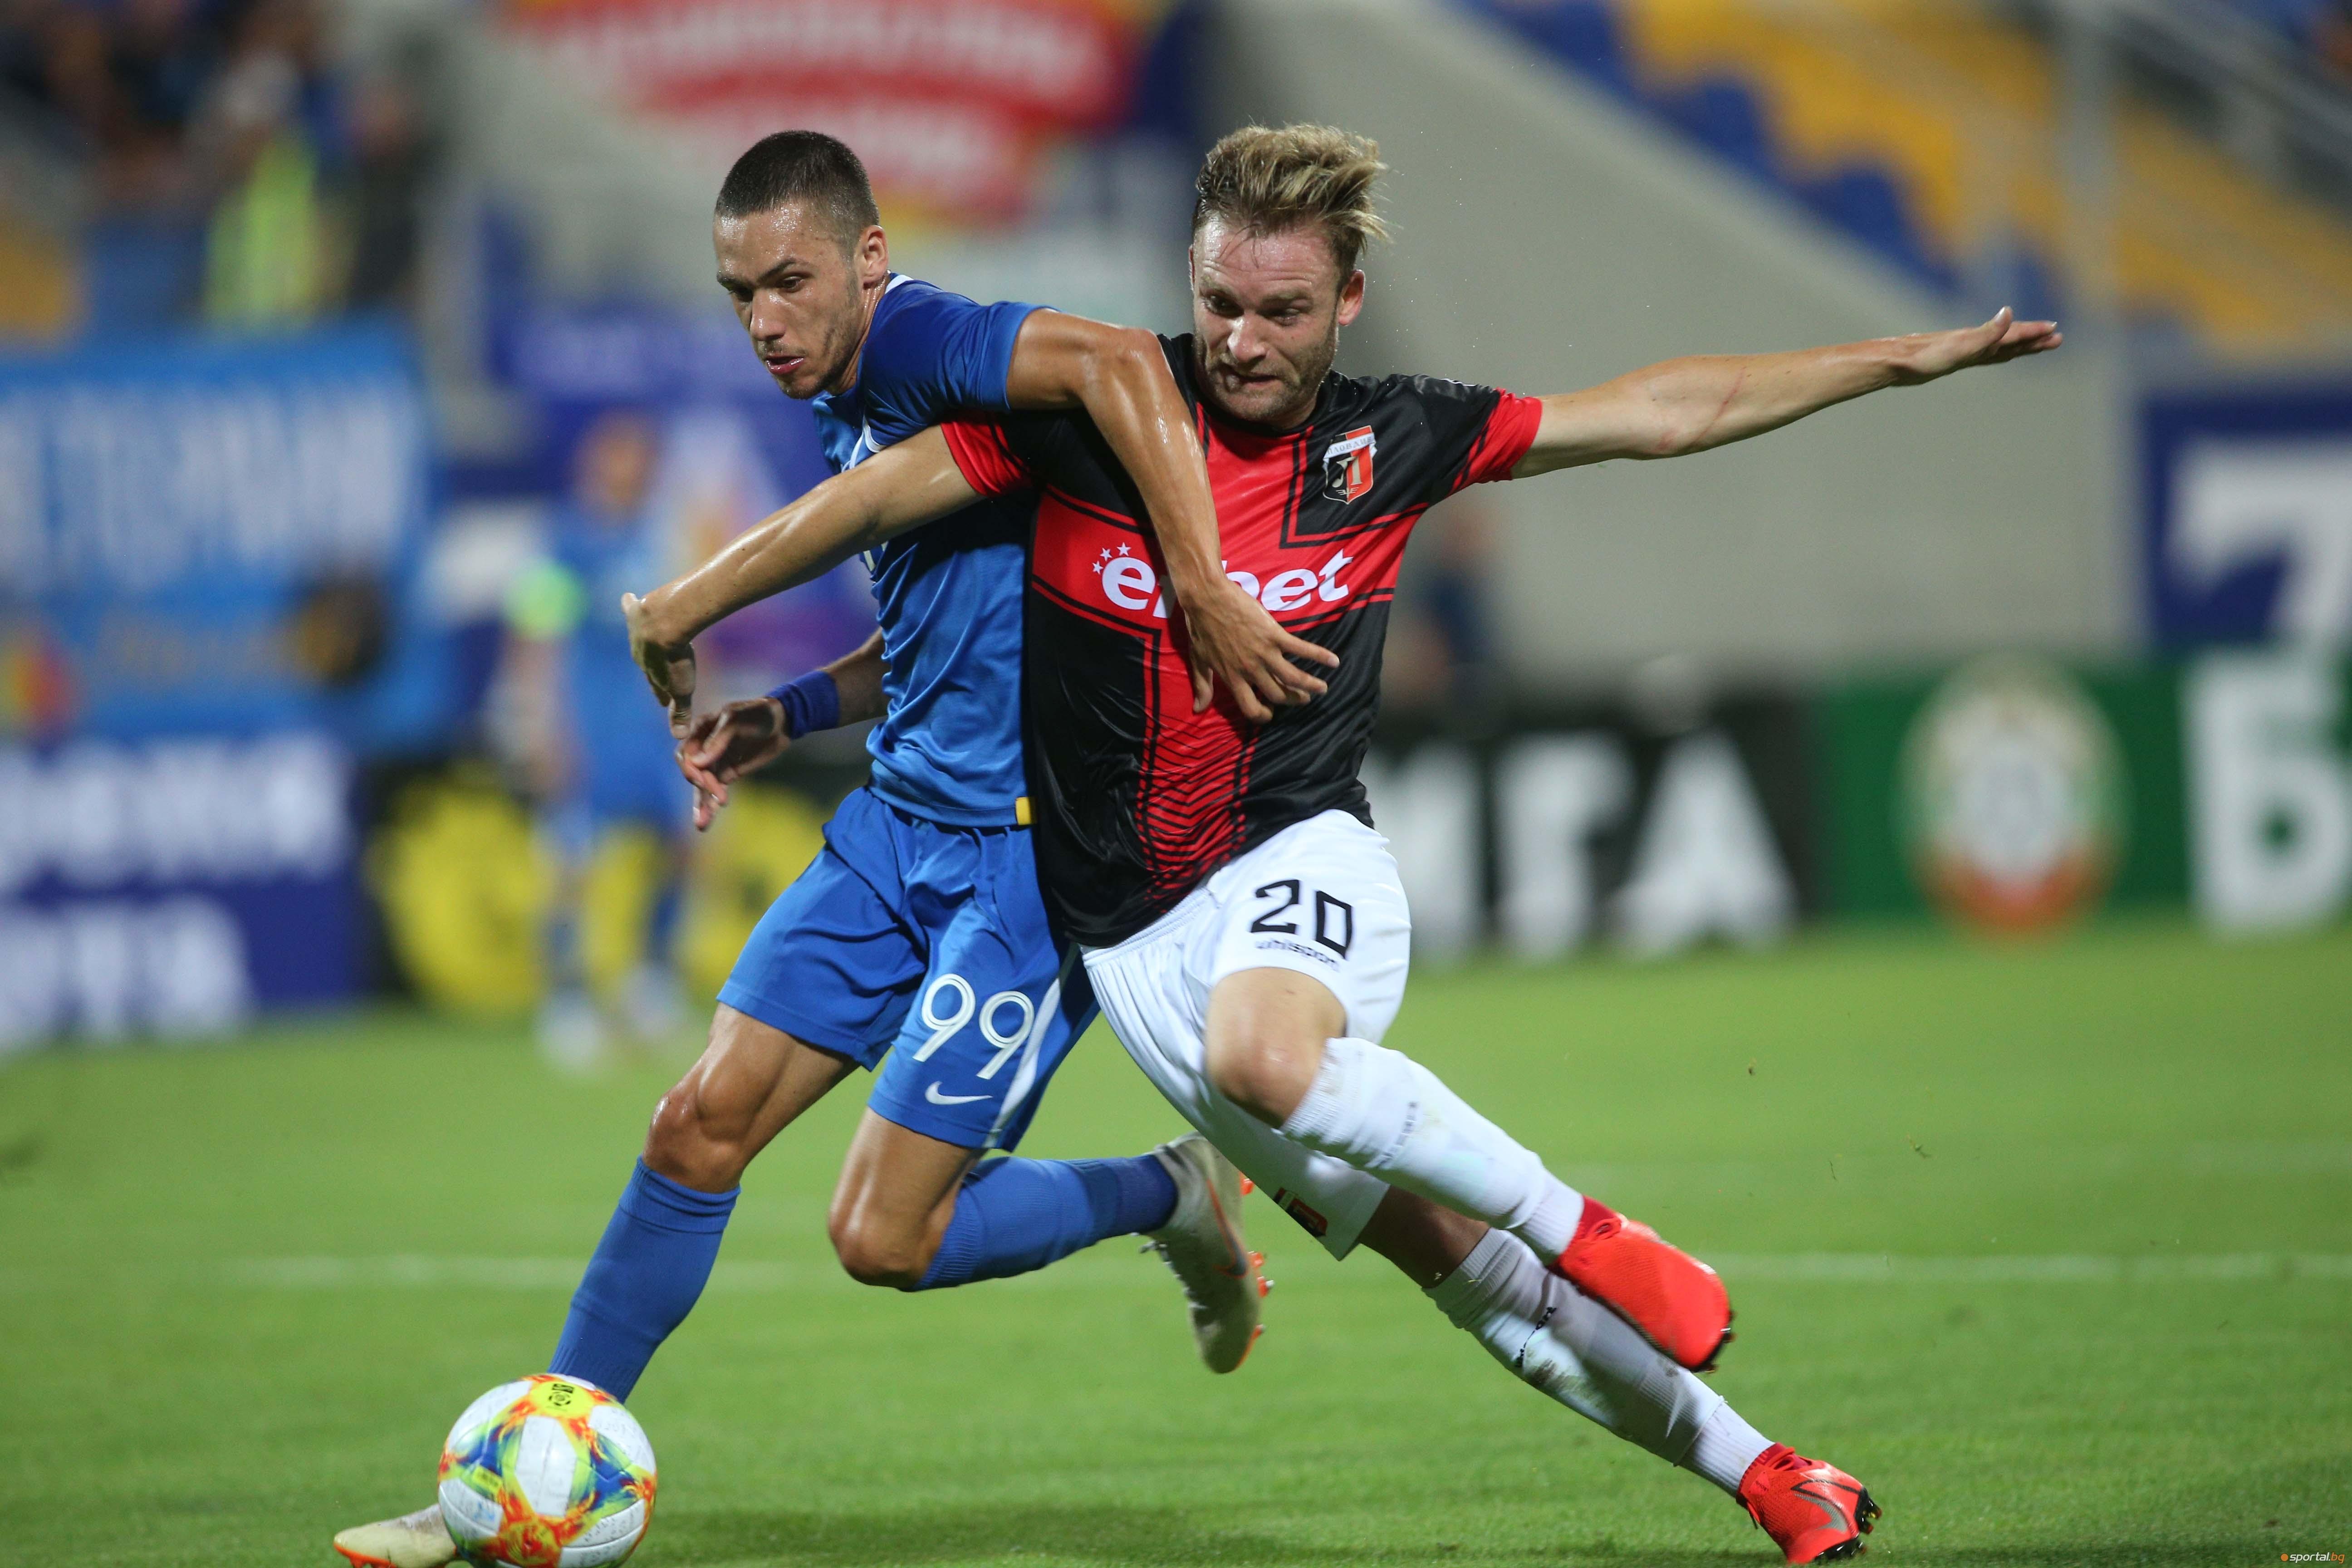 Локомотив Пловдив и Левски се изправят днес от 14,15 часа